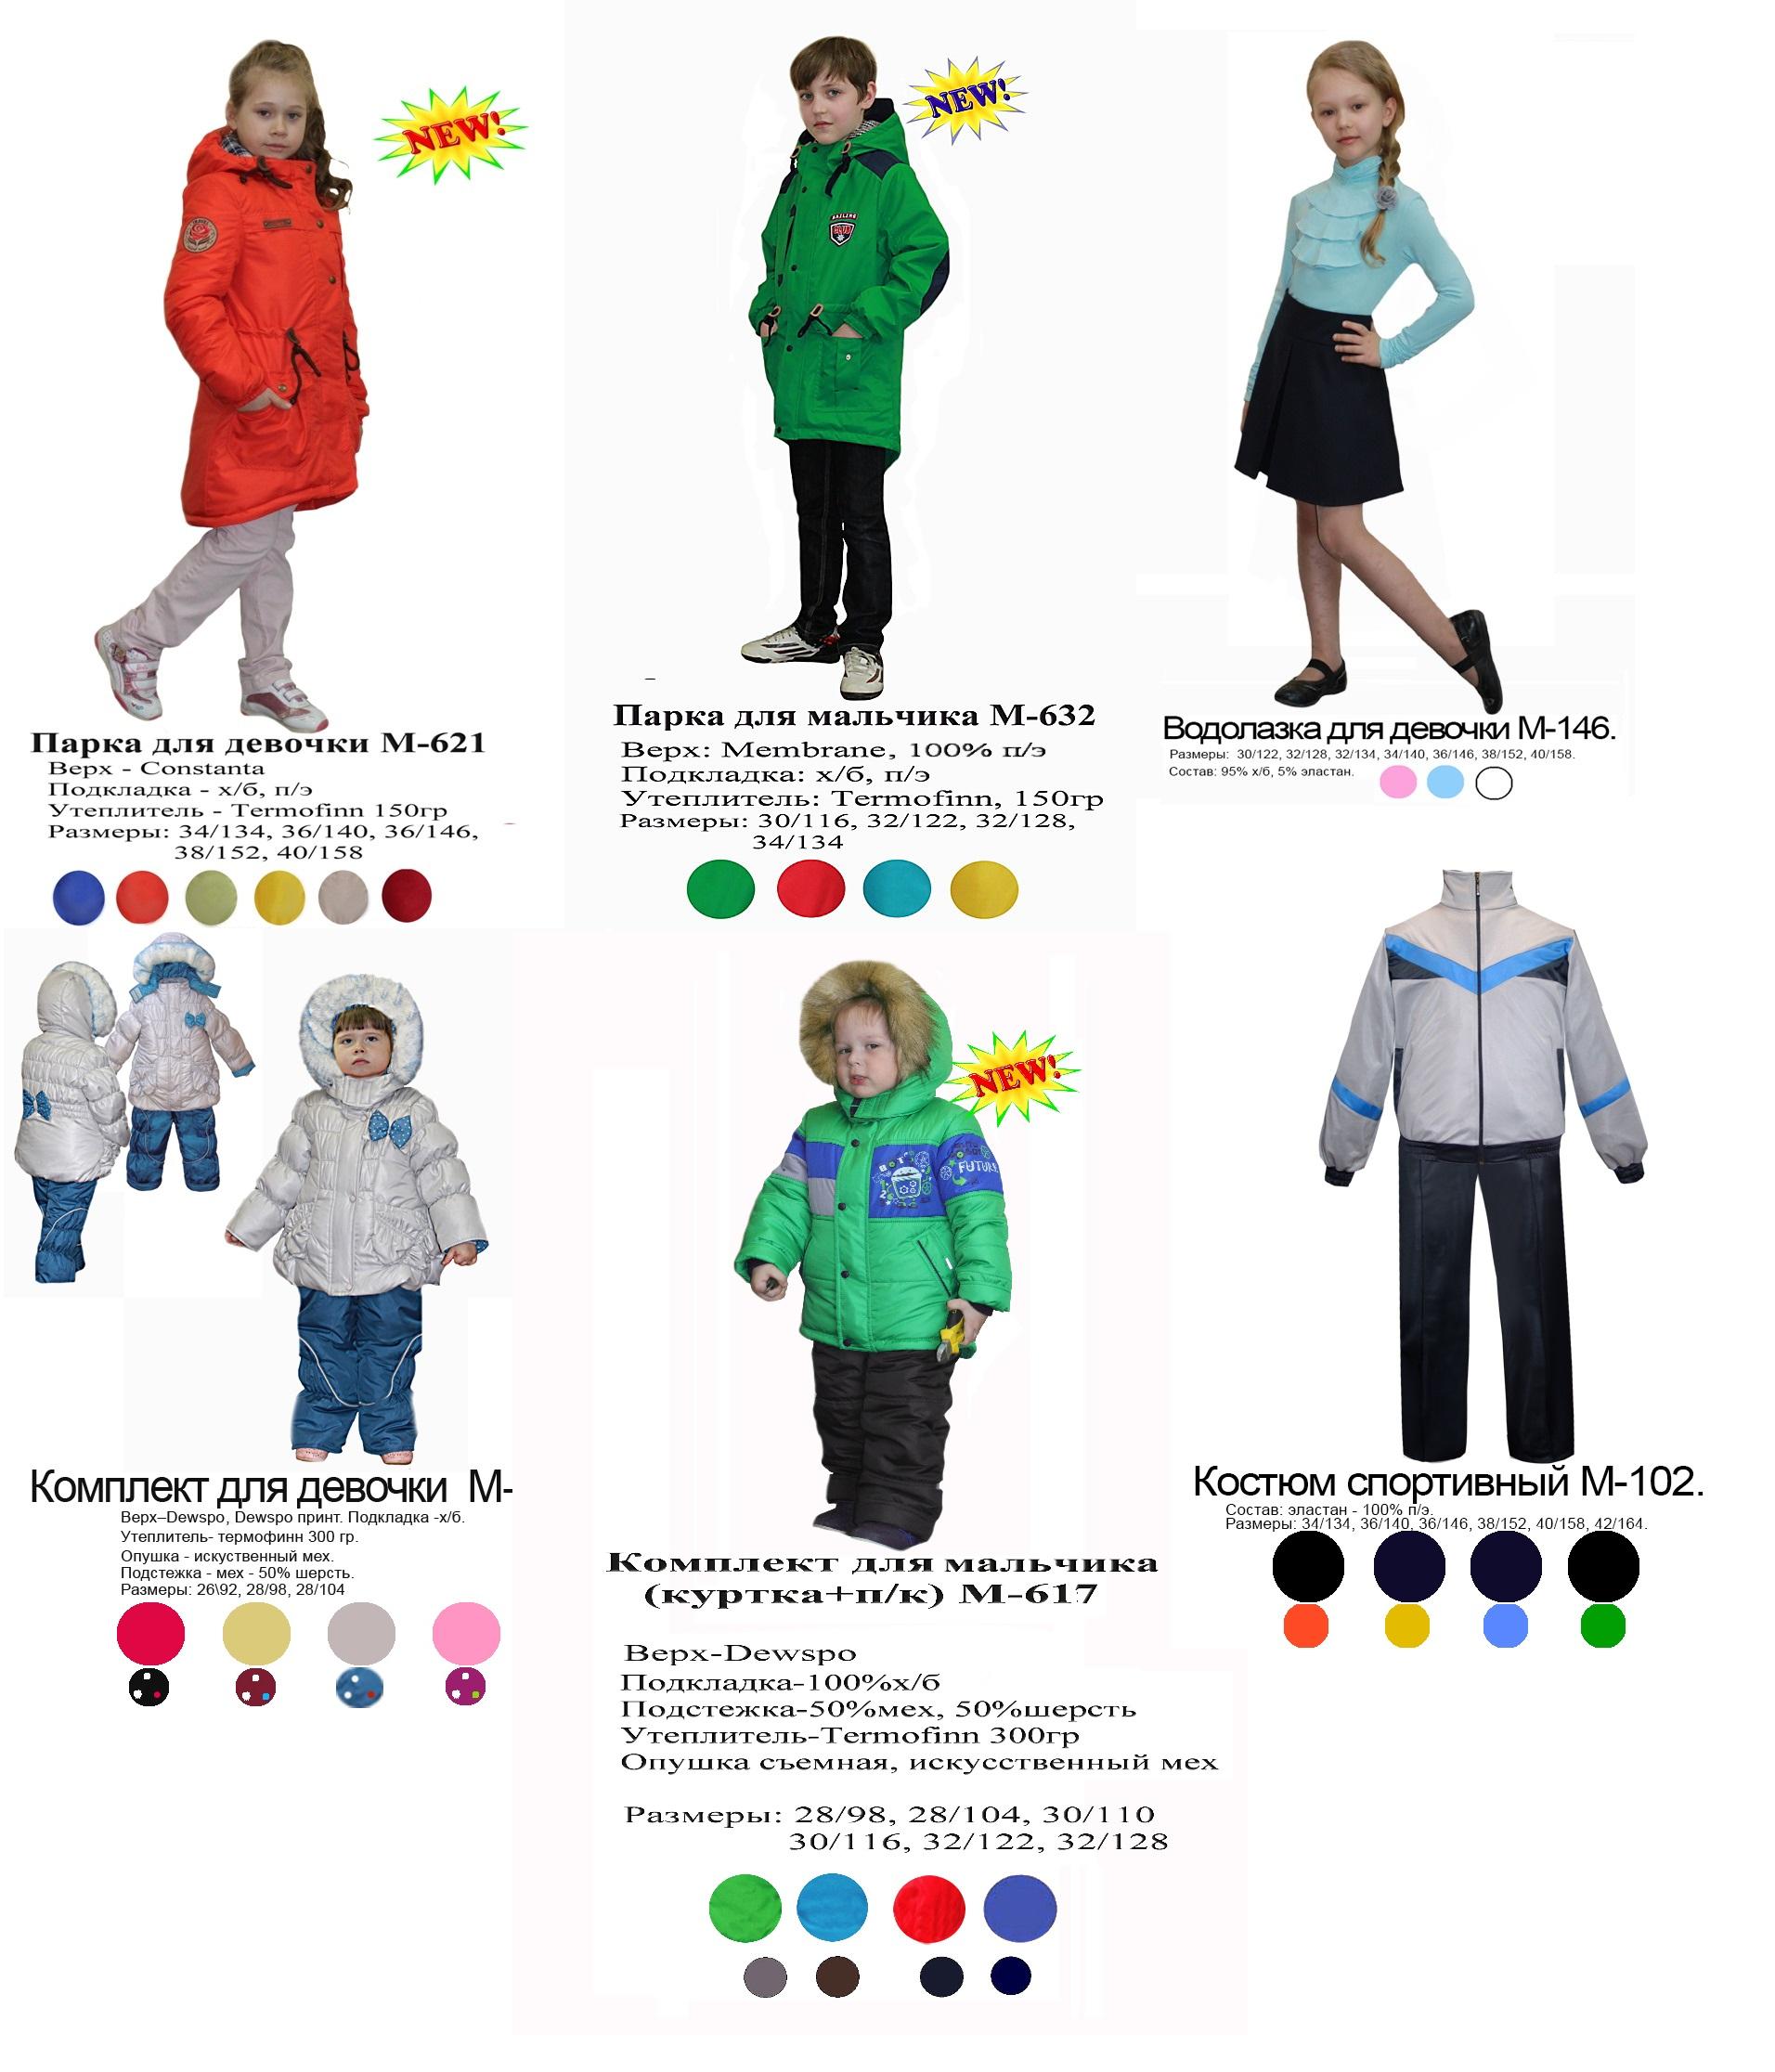 ТМ Эврика верхняя одежда для детей. Осень-Зима 2016-2017. Трикотаж. Школа. Без рядов! Цены радуют! Выкуп 28